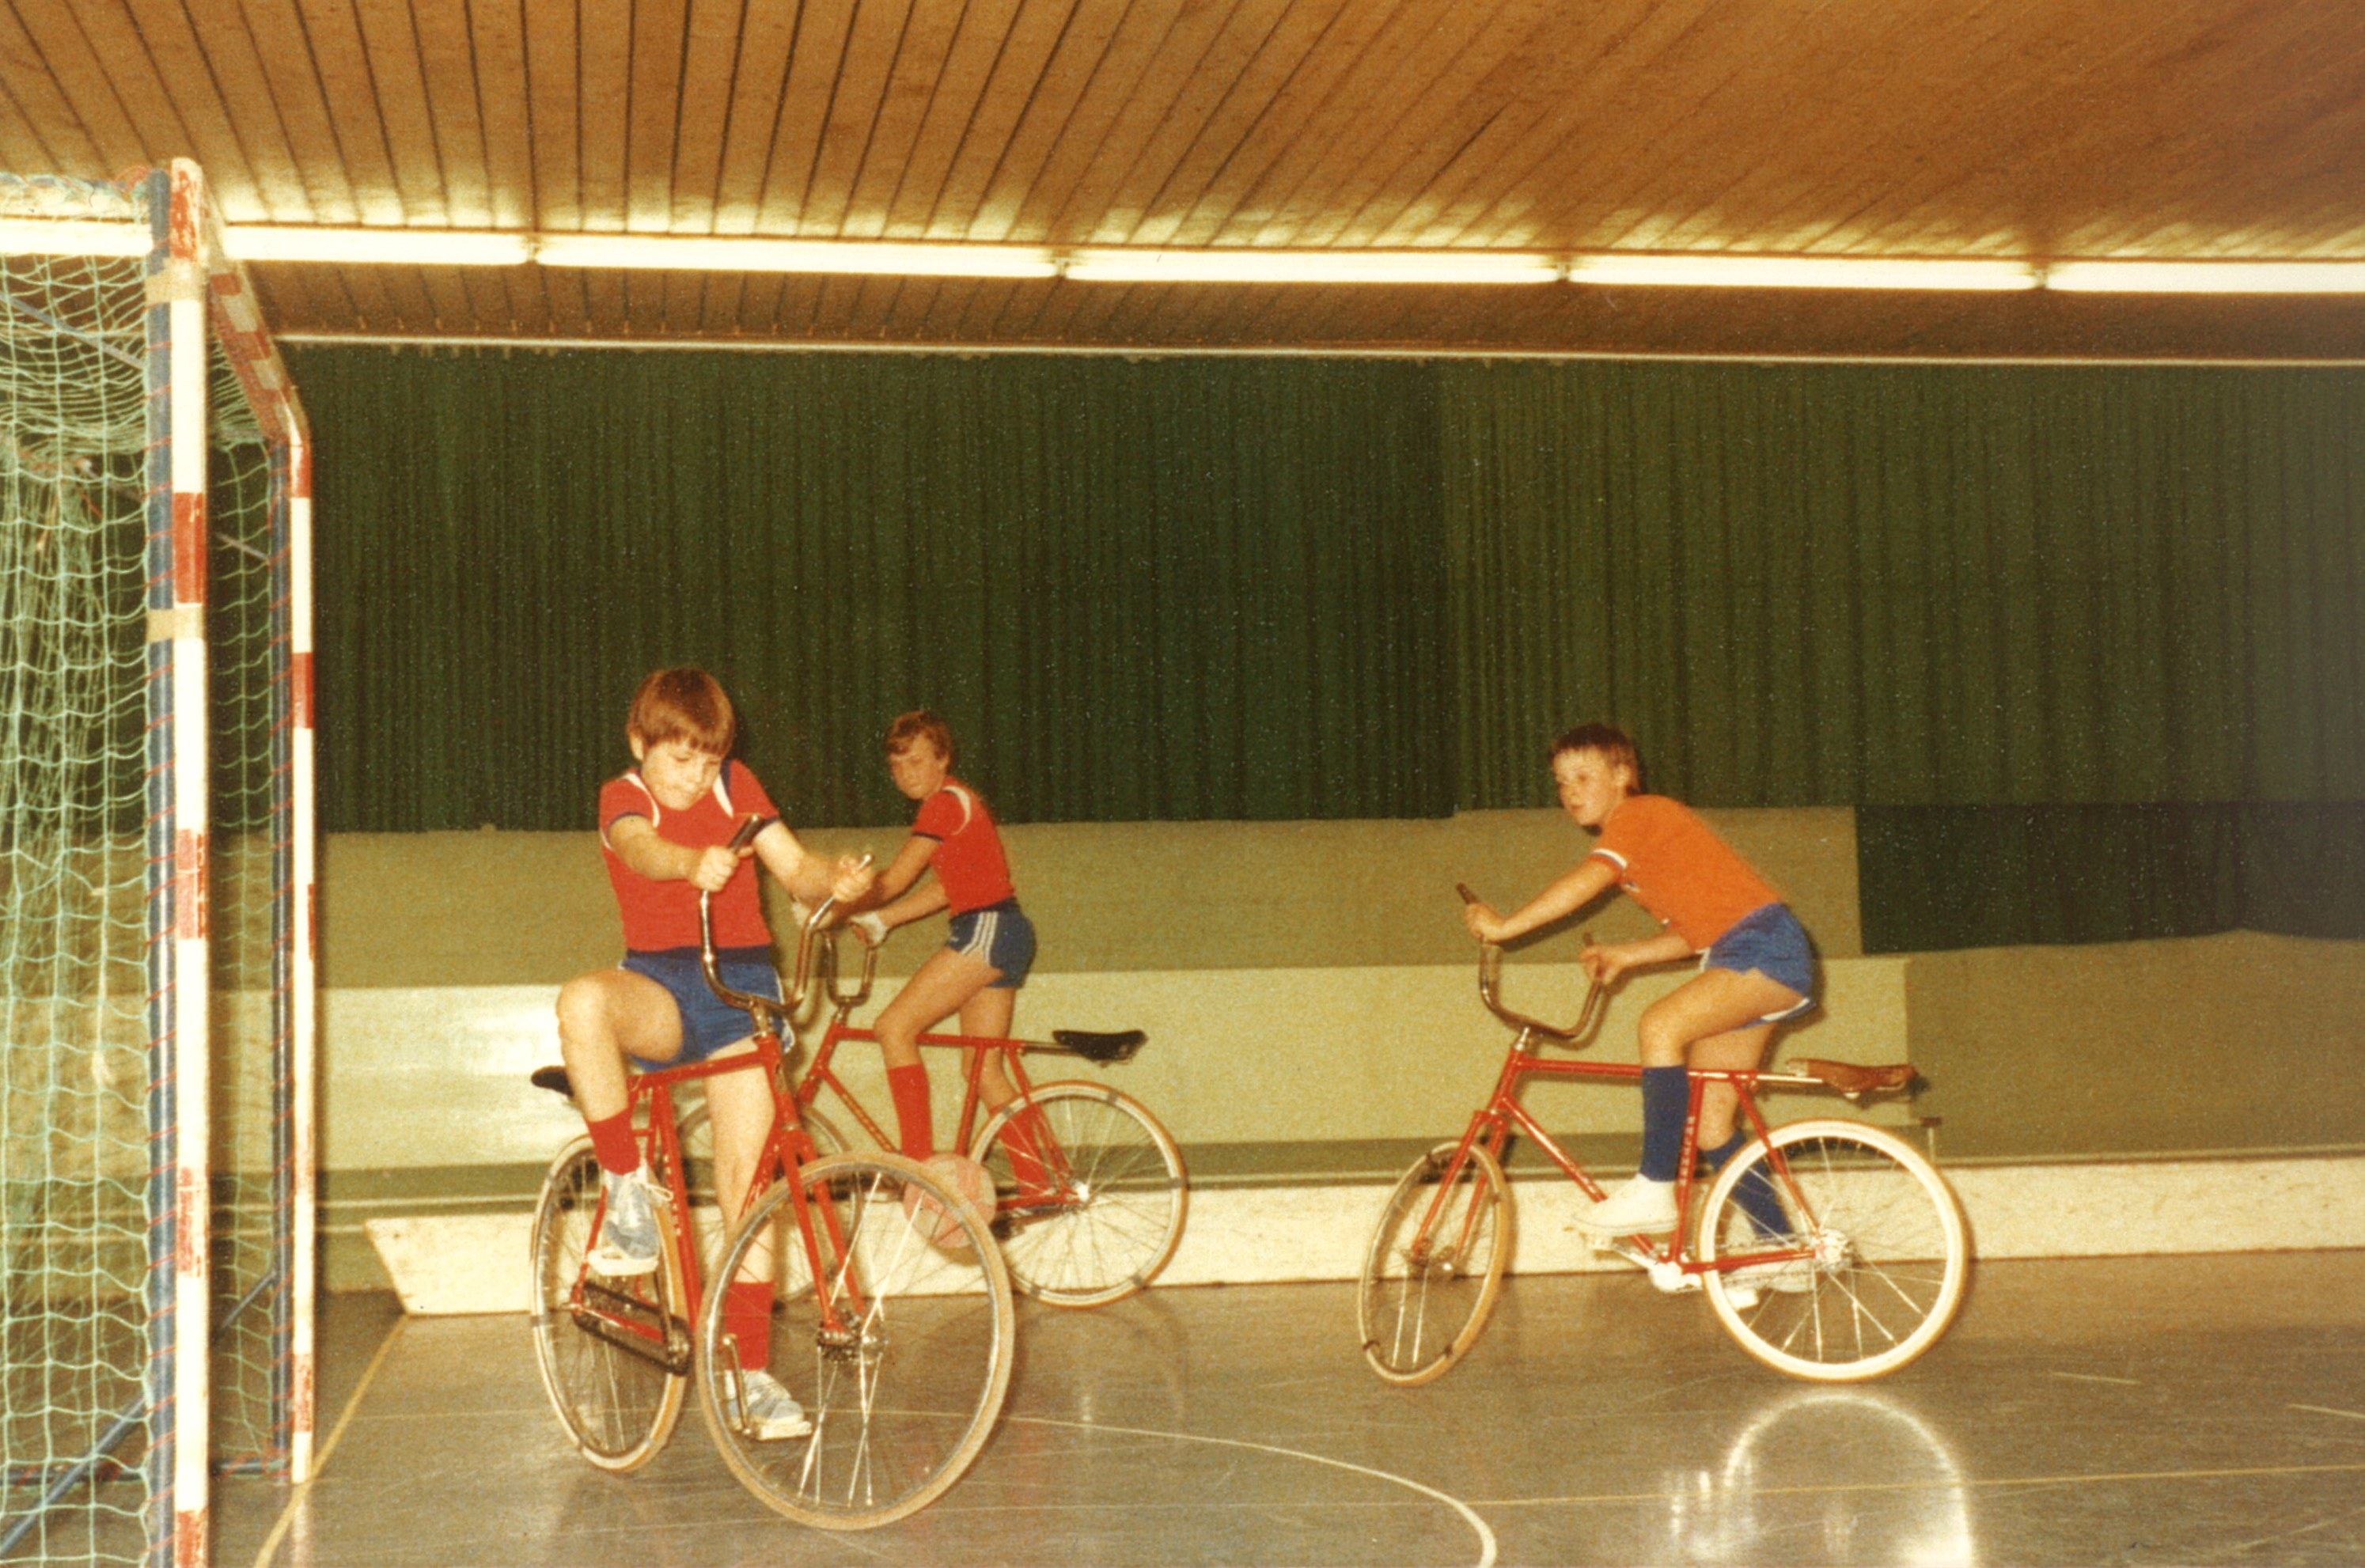 1978 - Südhessenmeisterschaft der Schüler B in Eberstadt mit Stefan Becker-Tim Schneider und Stefan Wagner aus Sonnenberg